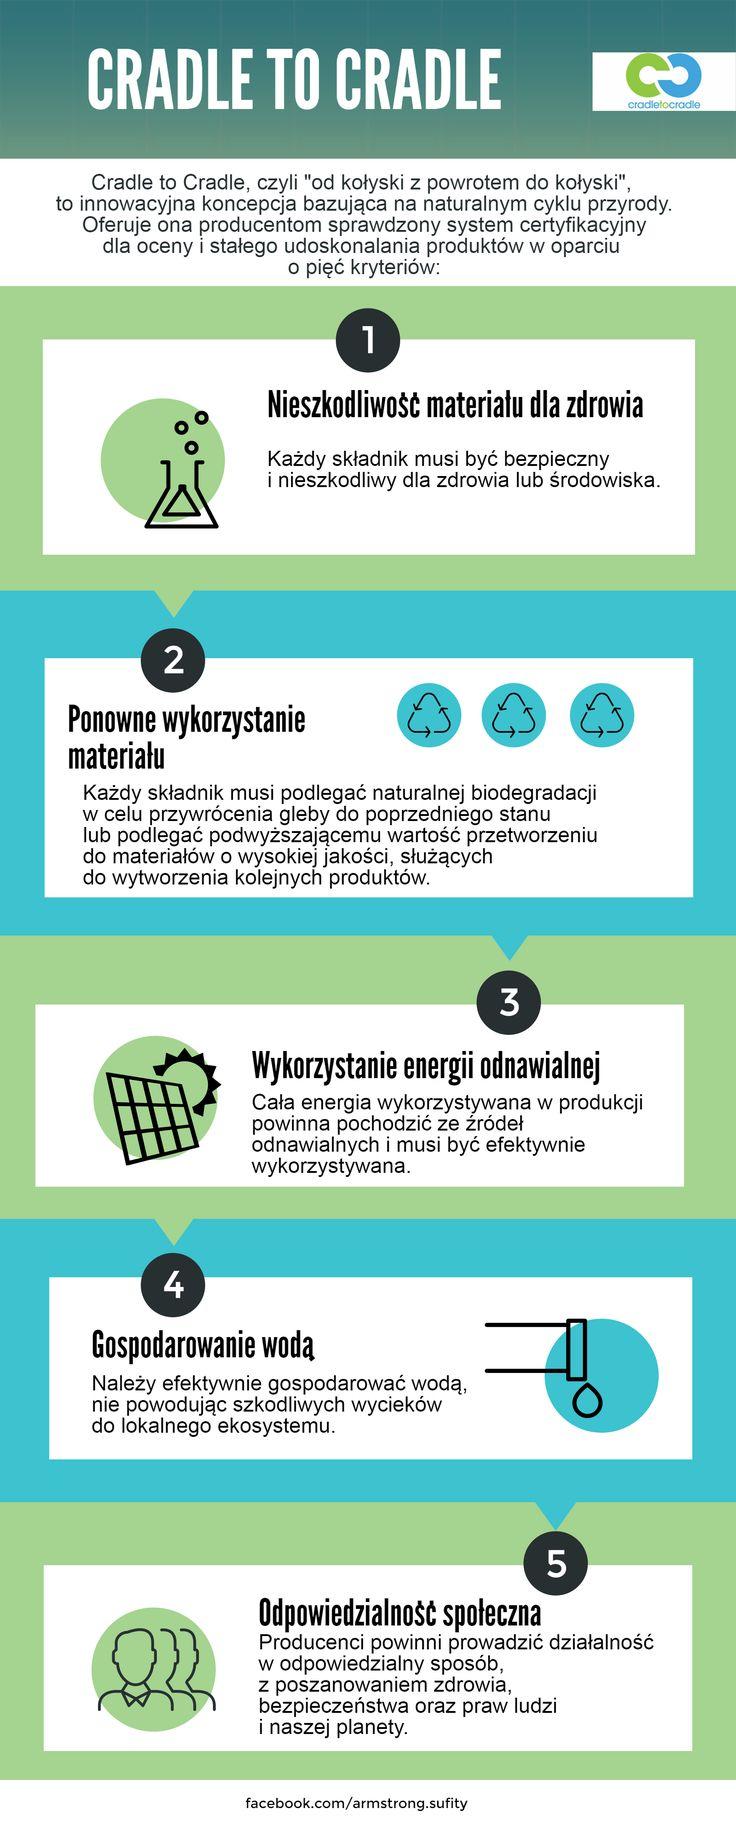 Armstrong Sufity Podwieszane, ochrona środowiska, Cradle to Cradle, infografika